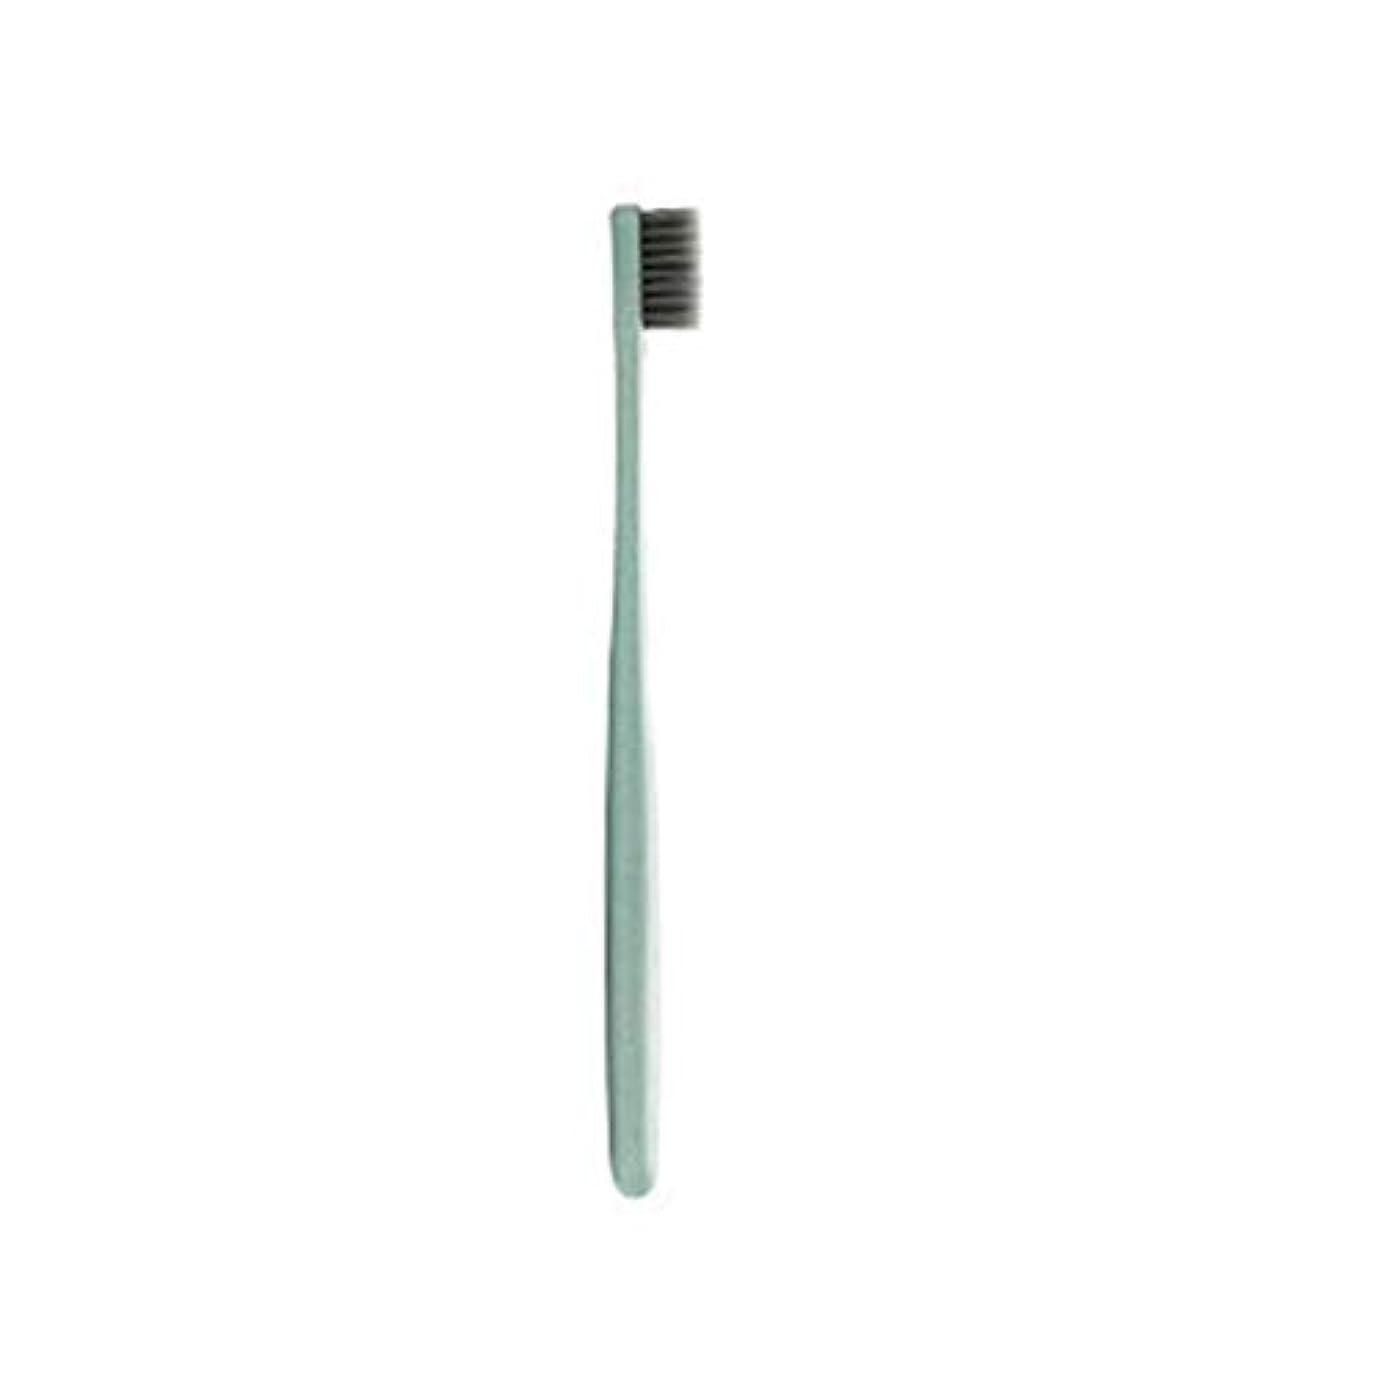 良い男やもめメンタルK-666小麦わらの歯ブラシ歯のクリーニングブラシ竹炭毛ブラシ環境に優しいブラシ歯のケア - ピンク